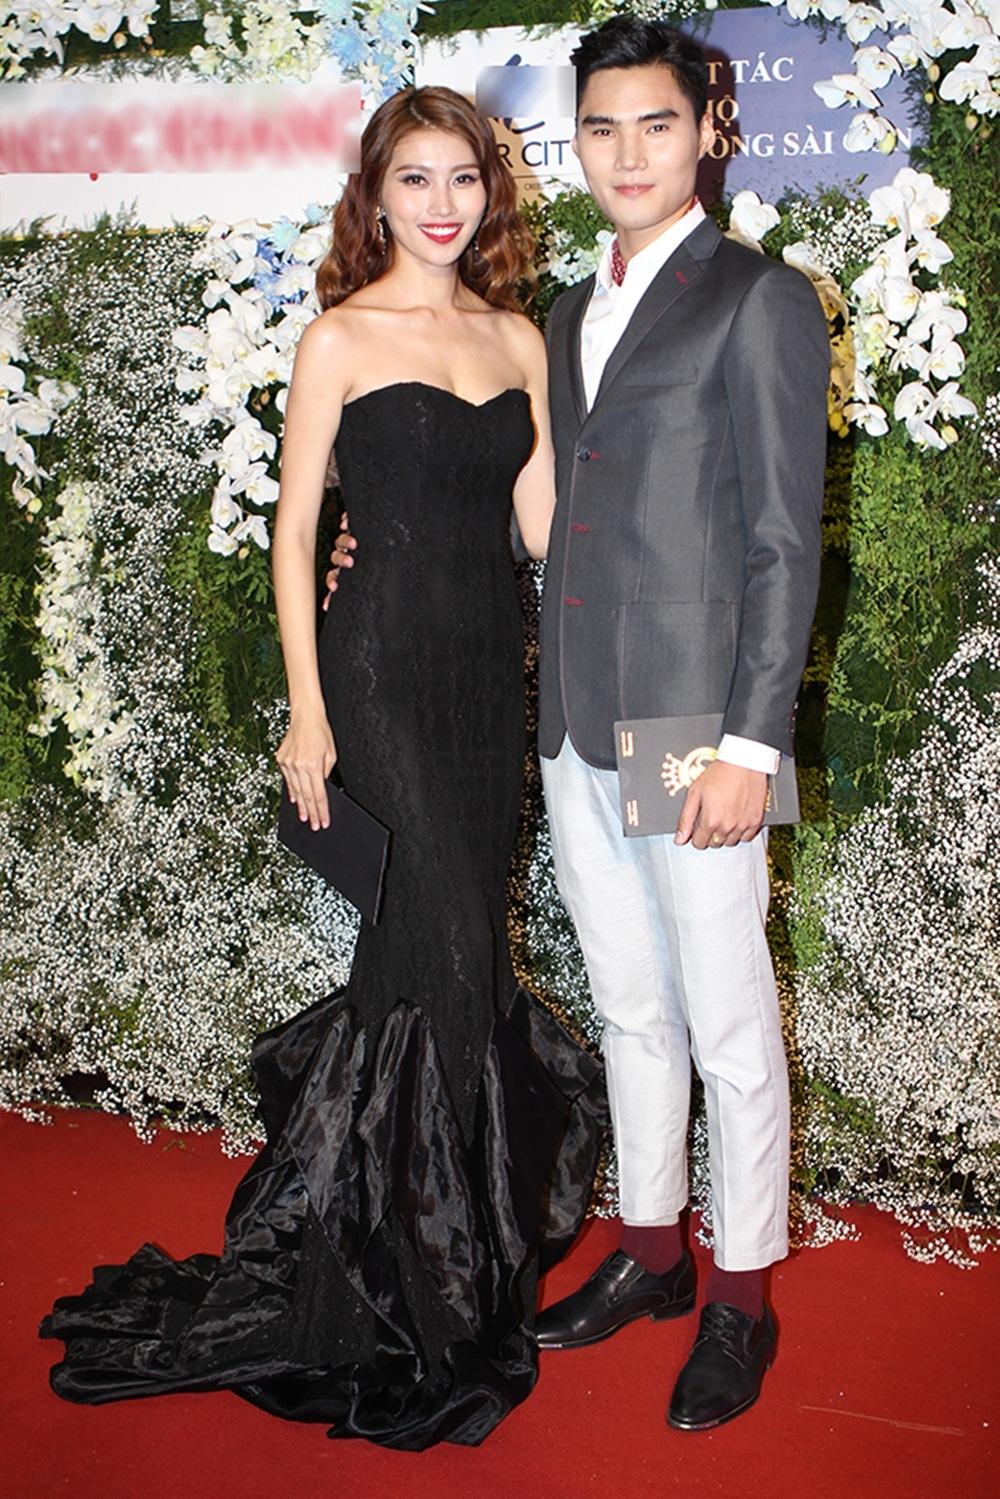 Cặp đôi top 5 Hoa khôi Áo dài Chế Nguyễn Quỳnh Châu và bạn trai Quang Huỳnh - Quán quân Vietnam Next Top Model xuất hiện trên thảm đỏ.